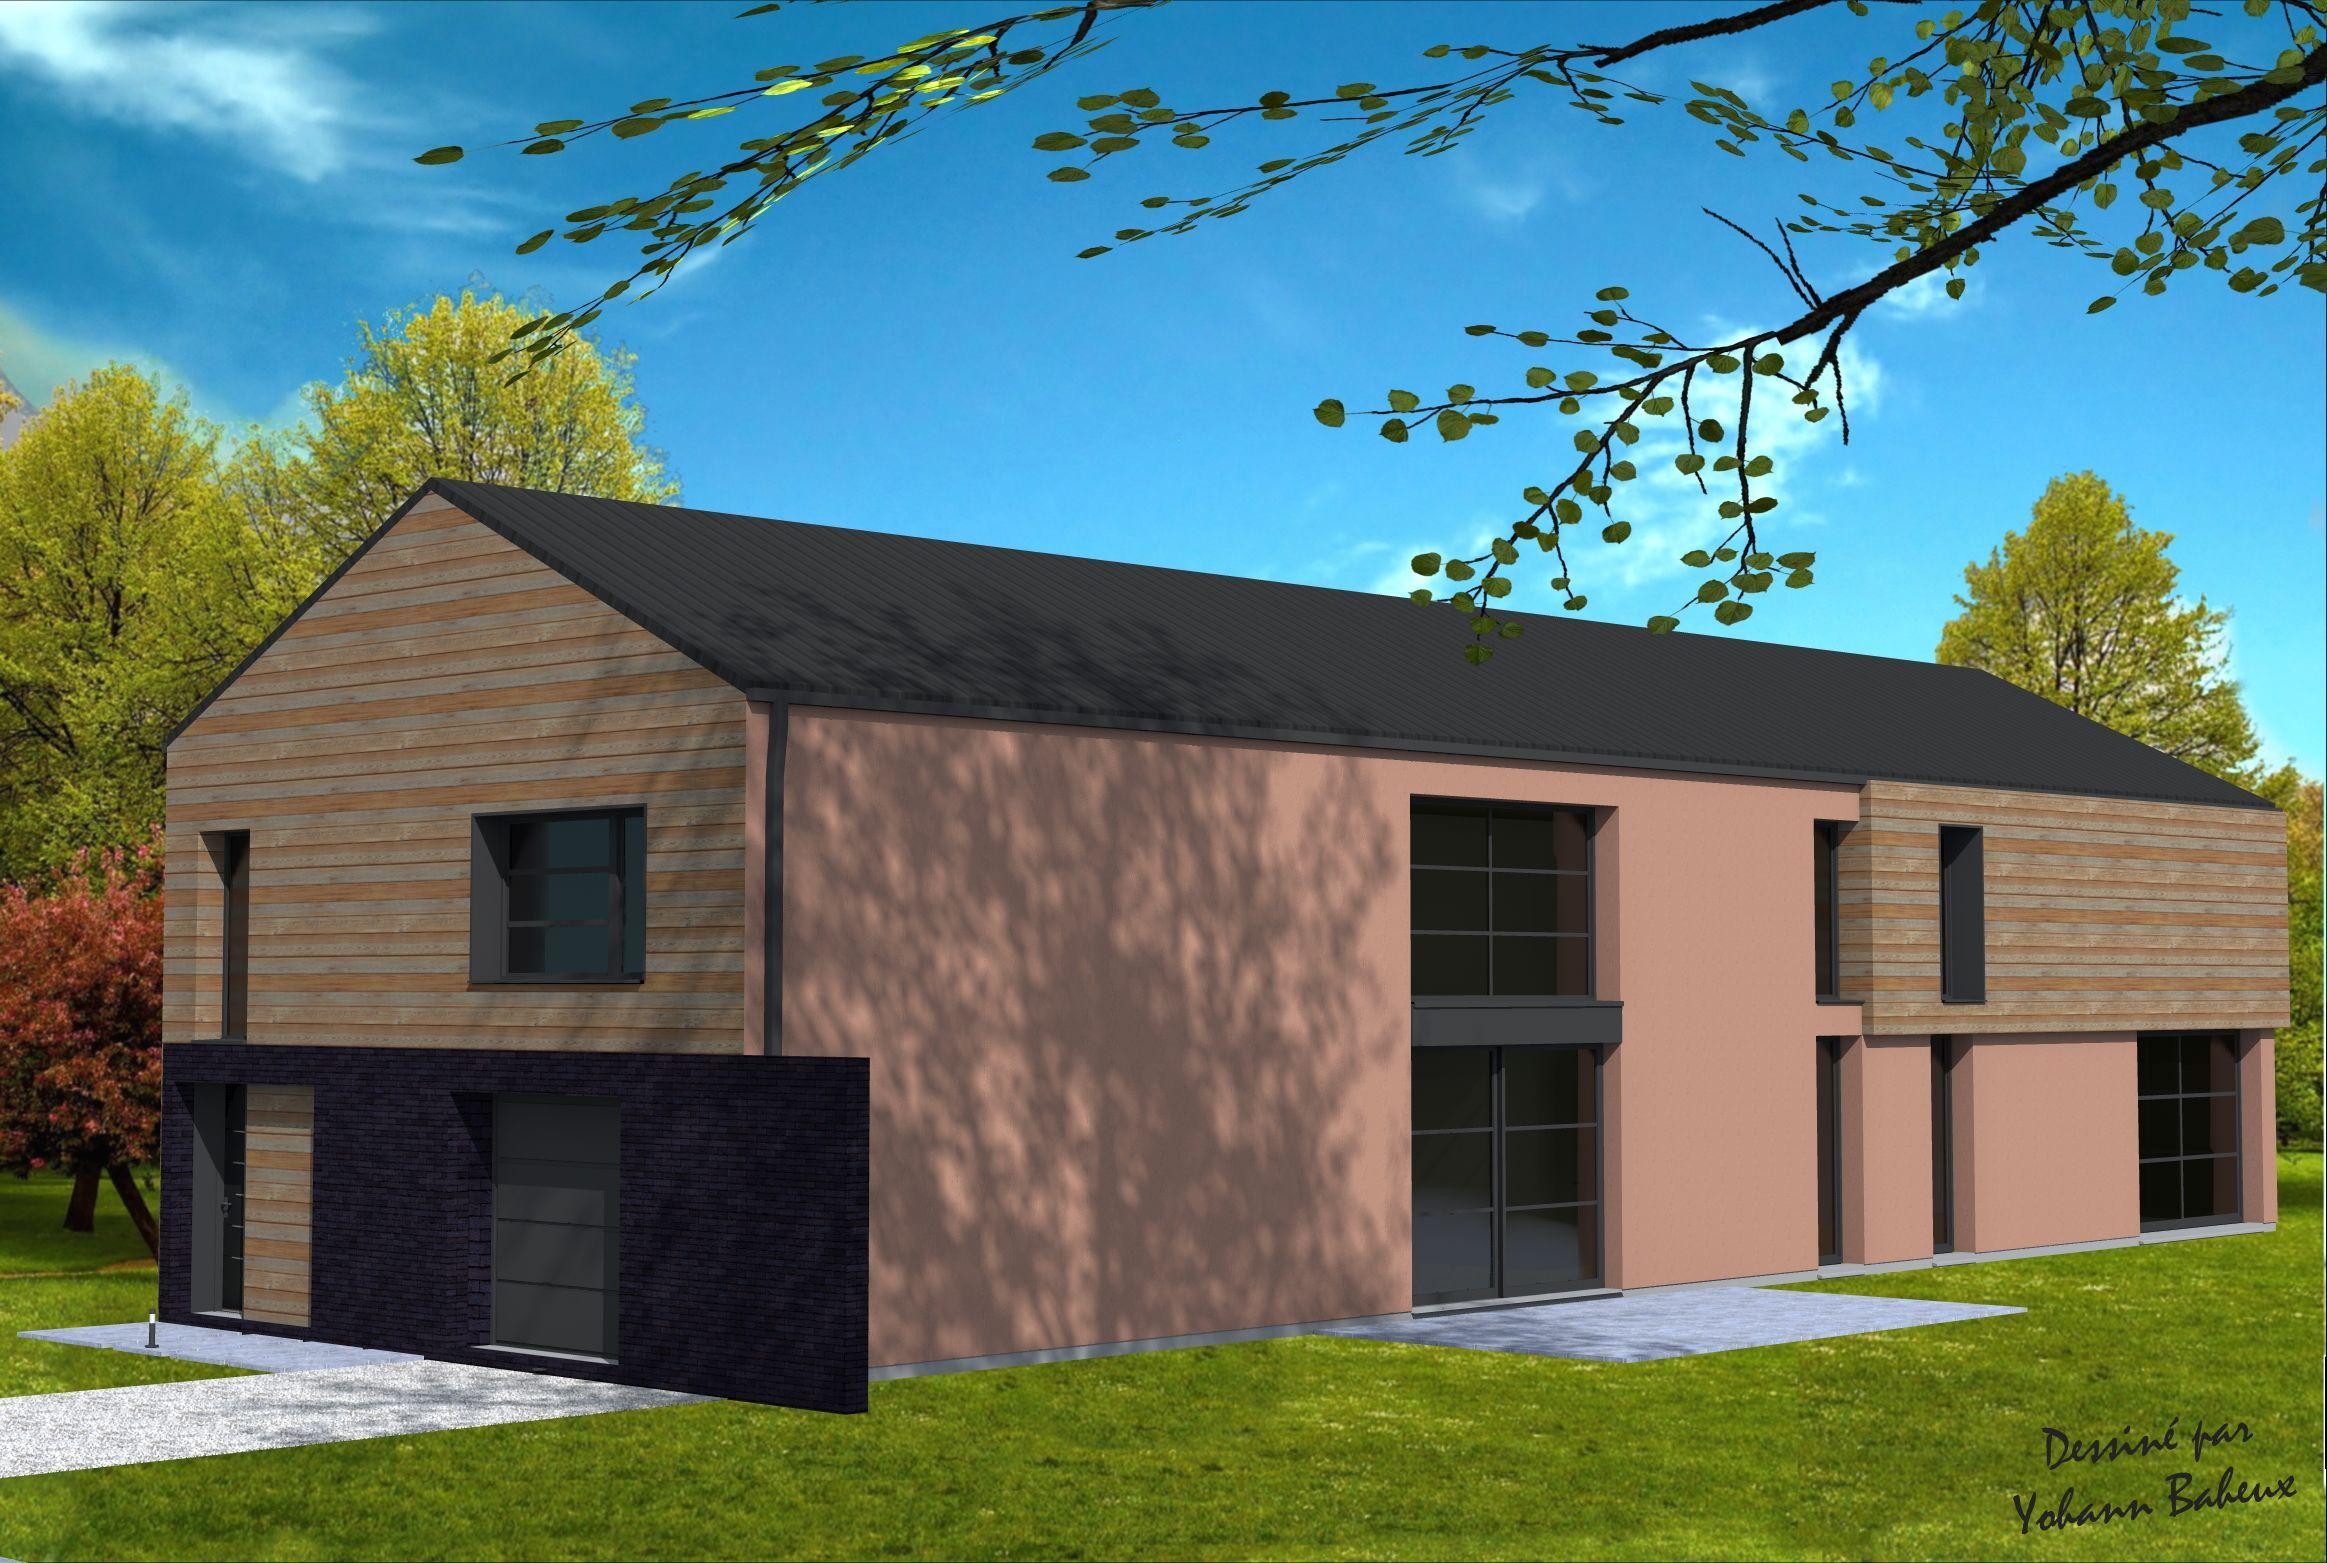 Transformation d 39 un hangar en habitation maison en projet maitre d oeuvre maison et plan maison - Hangar maison ...